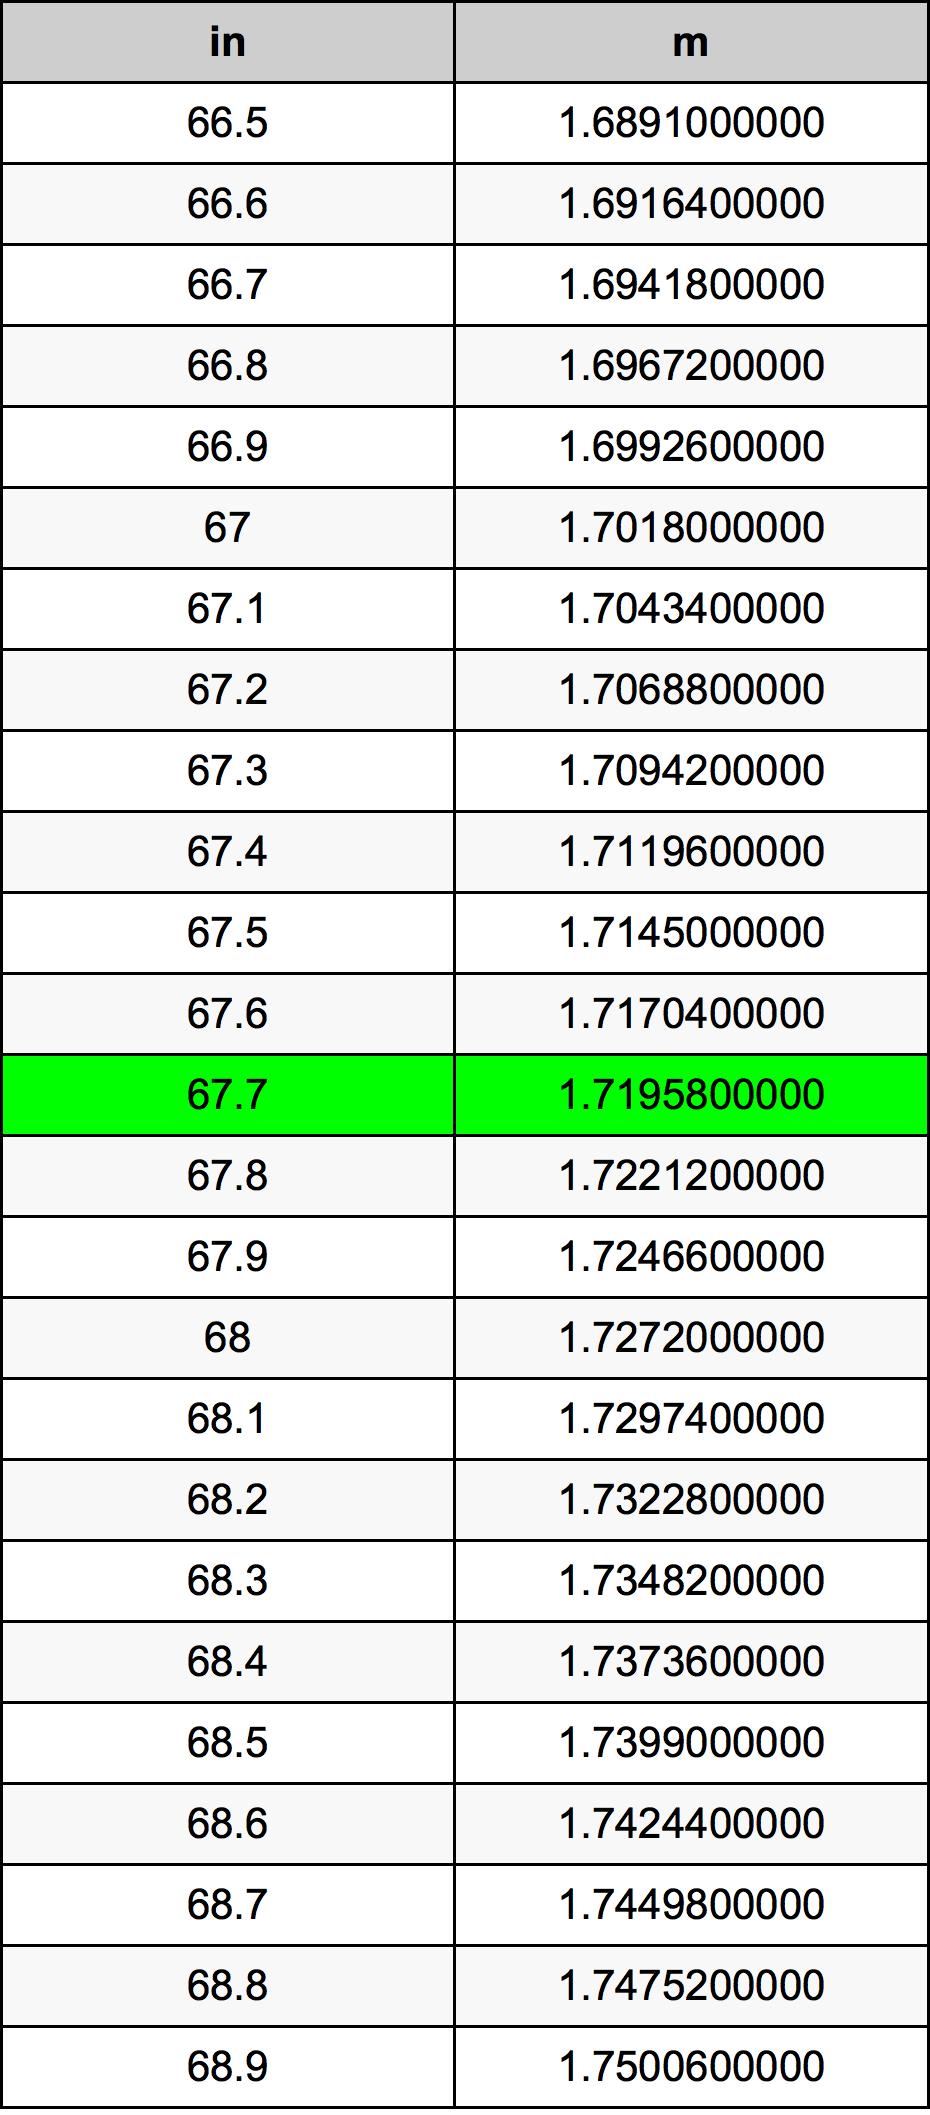 67.7 Pouce table de conversion